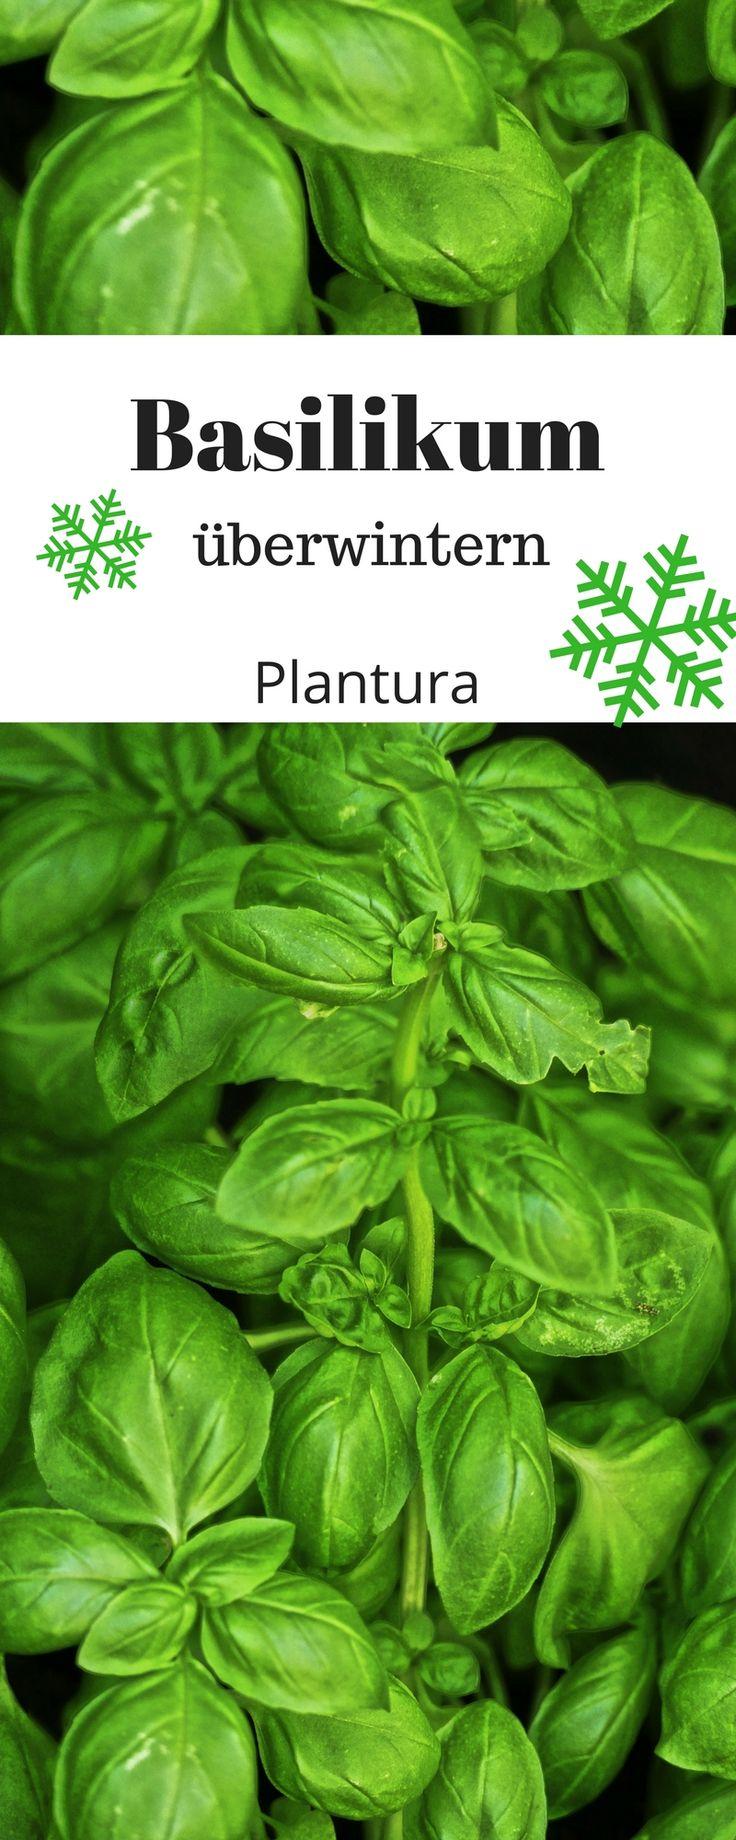 Der frische Basilikum mit seinen leuchtend grünen Blättern kann mit nur wenig Arbeit über den Winter gebracht werden, damit man ihn auch nächste Saison genießen kann.